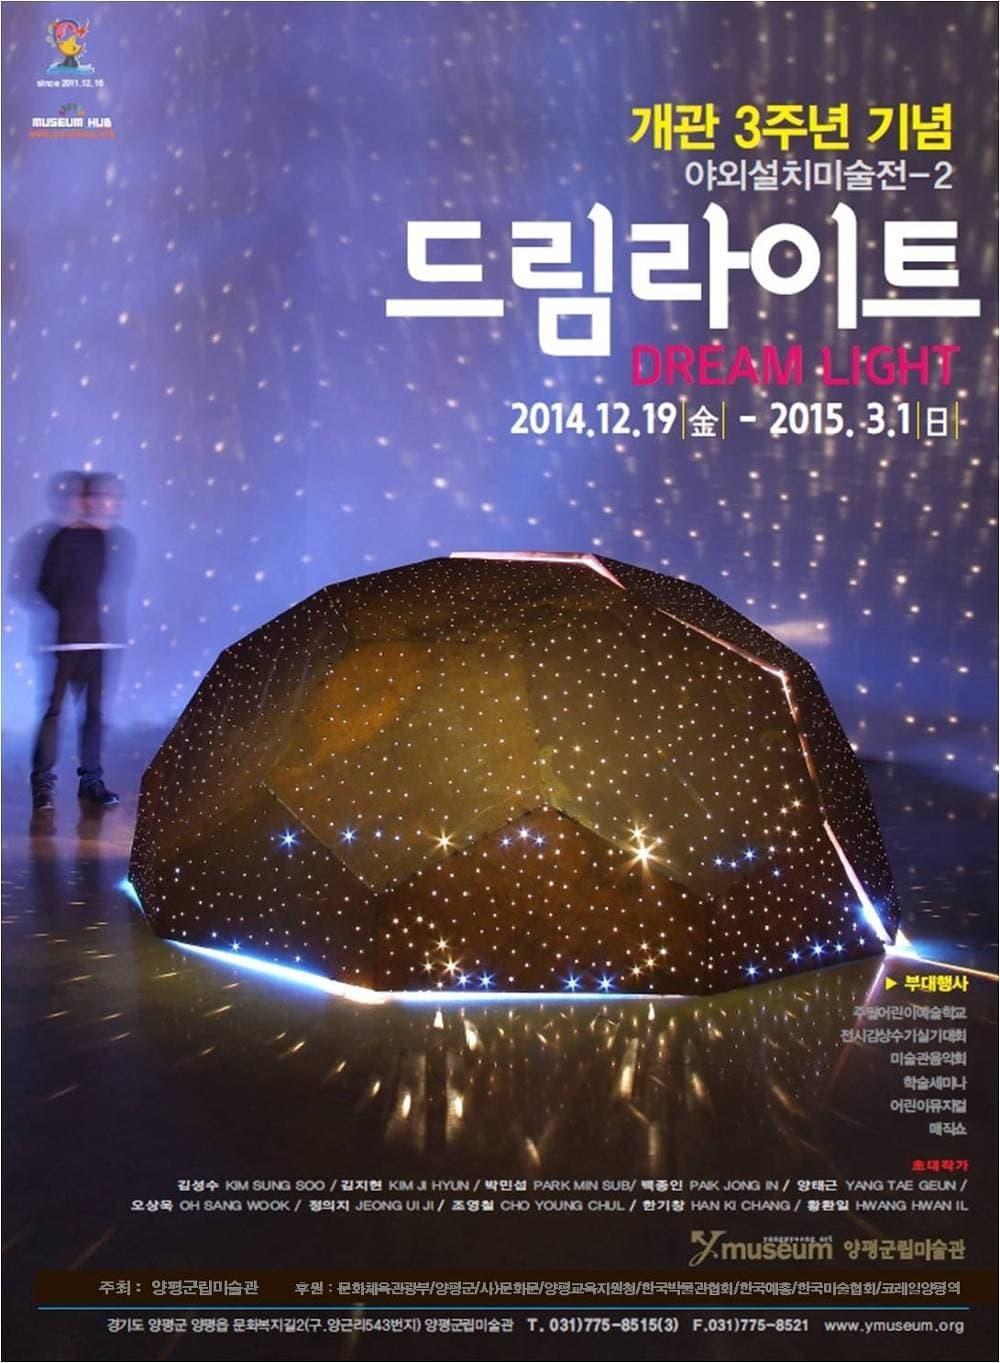 개관 3주년 기념, 2014 야외설치미술전-2, 드림 라이트(Dream Light)전